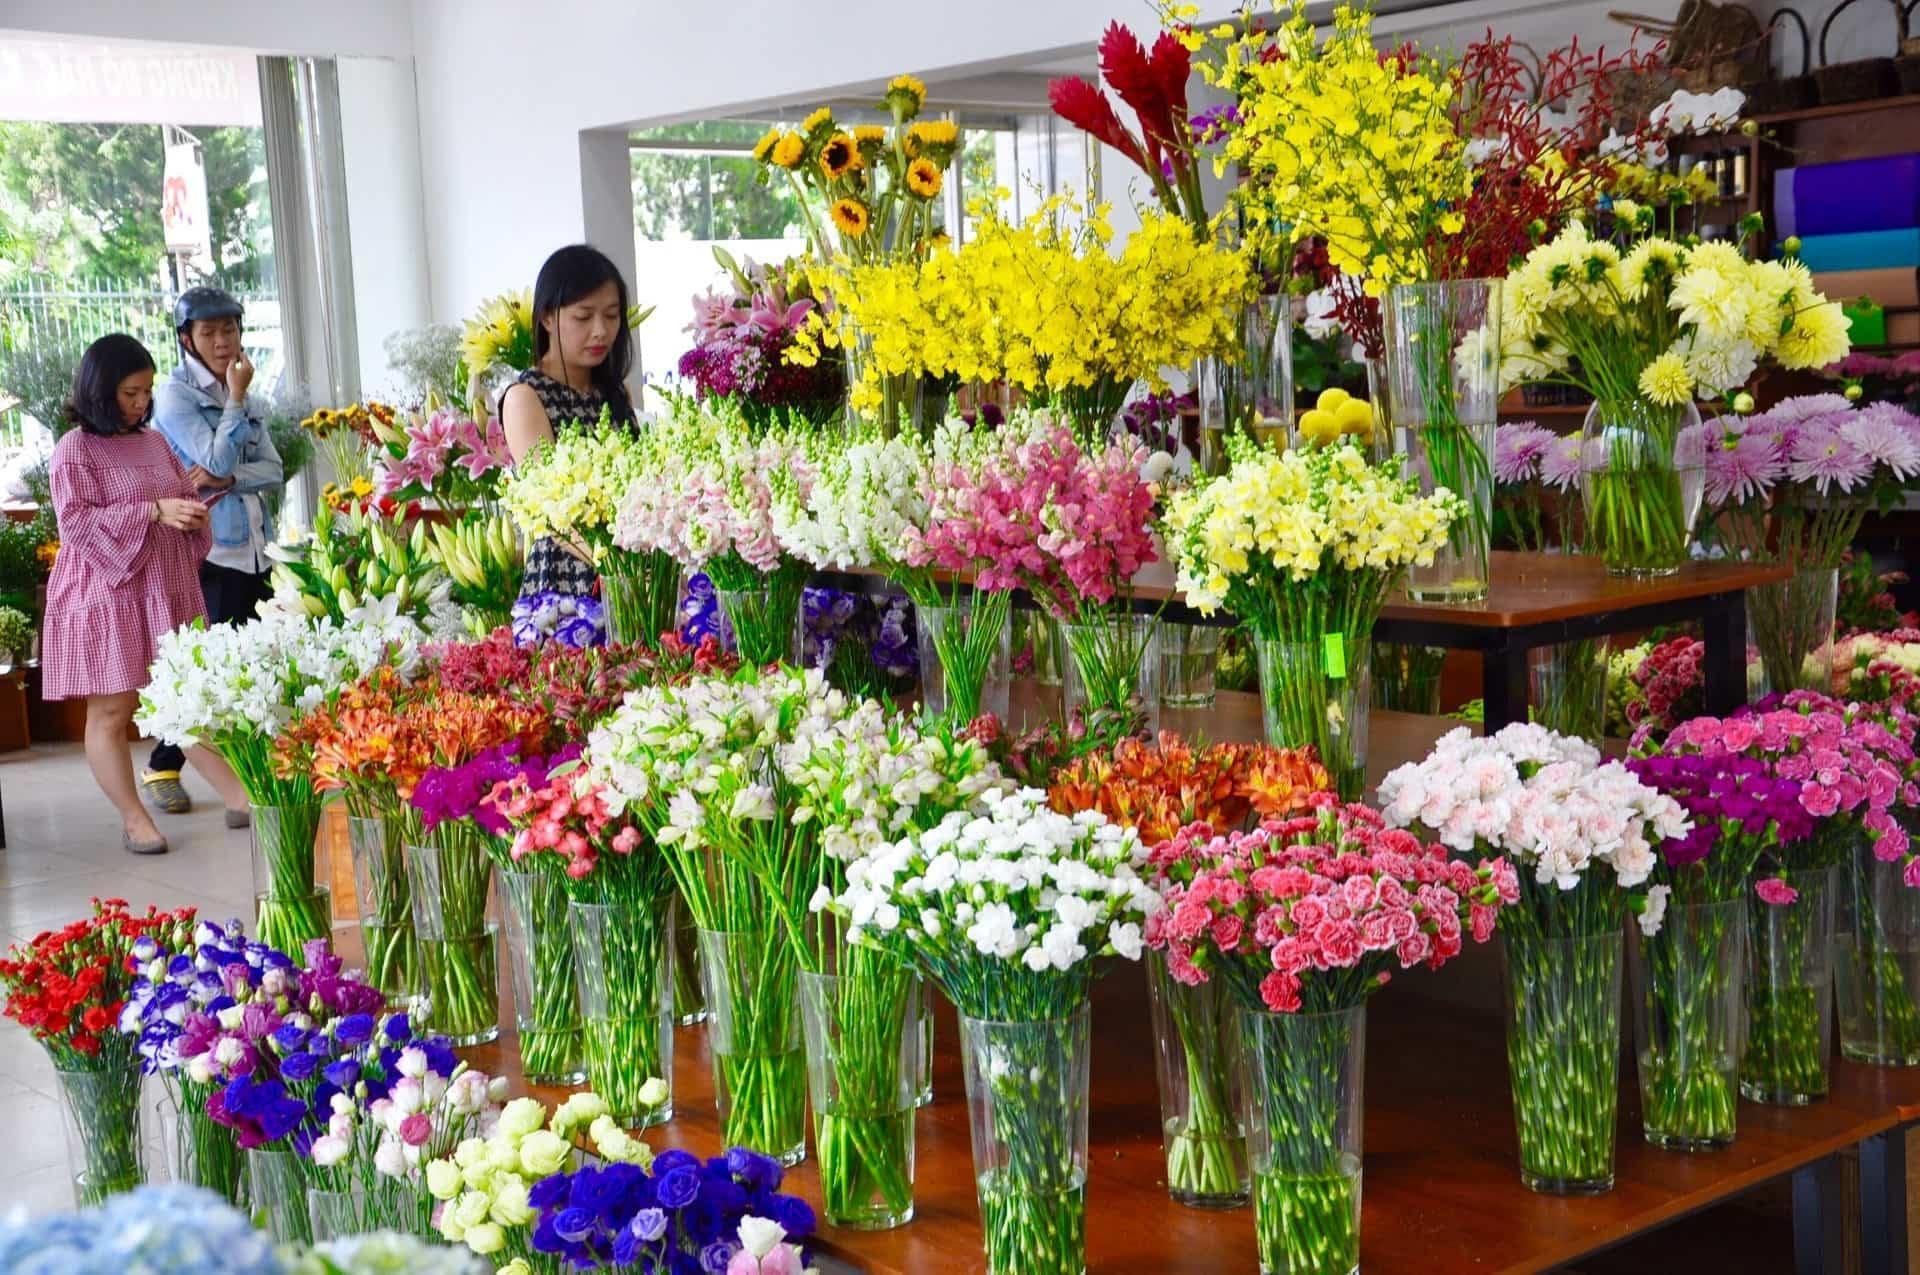 Mỗi một loài hoa mang một ý nghĩa khác nhau